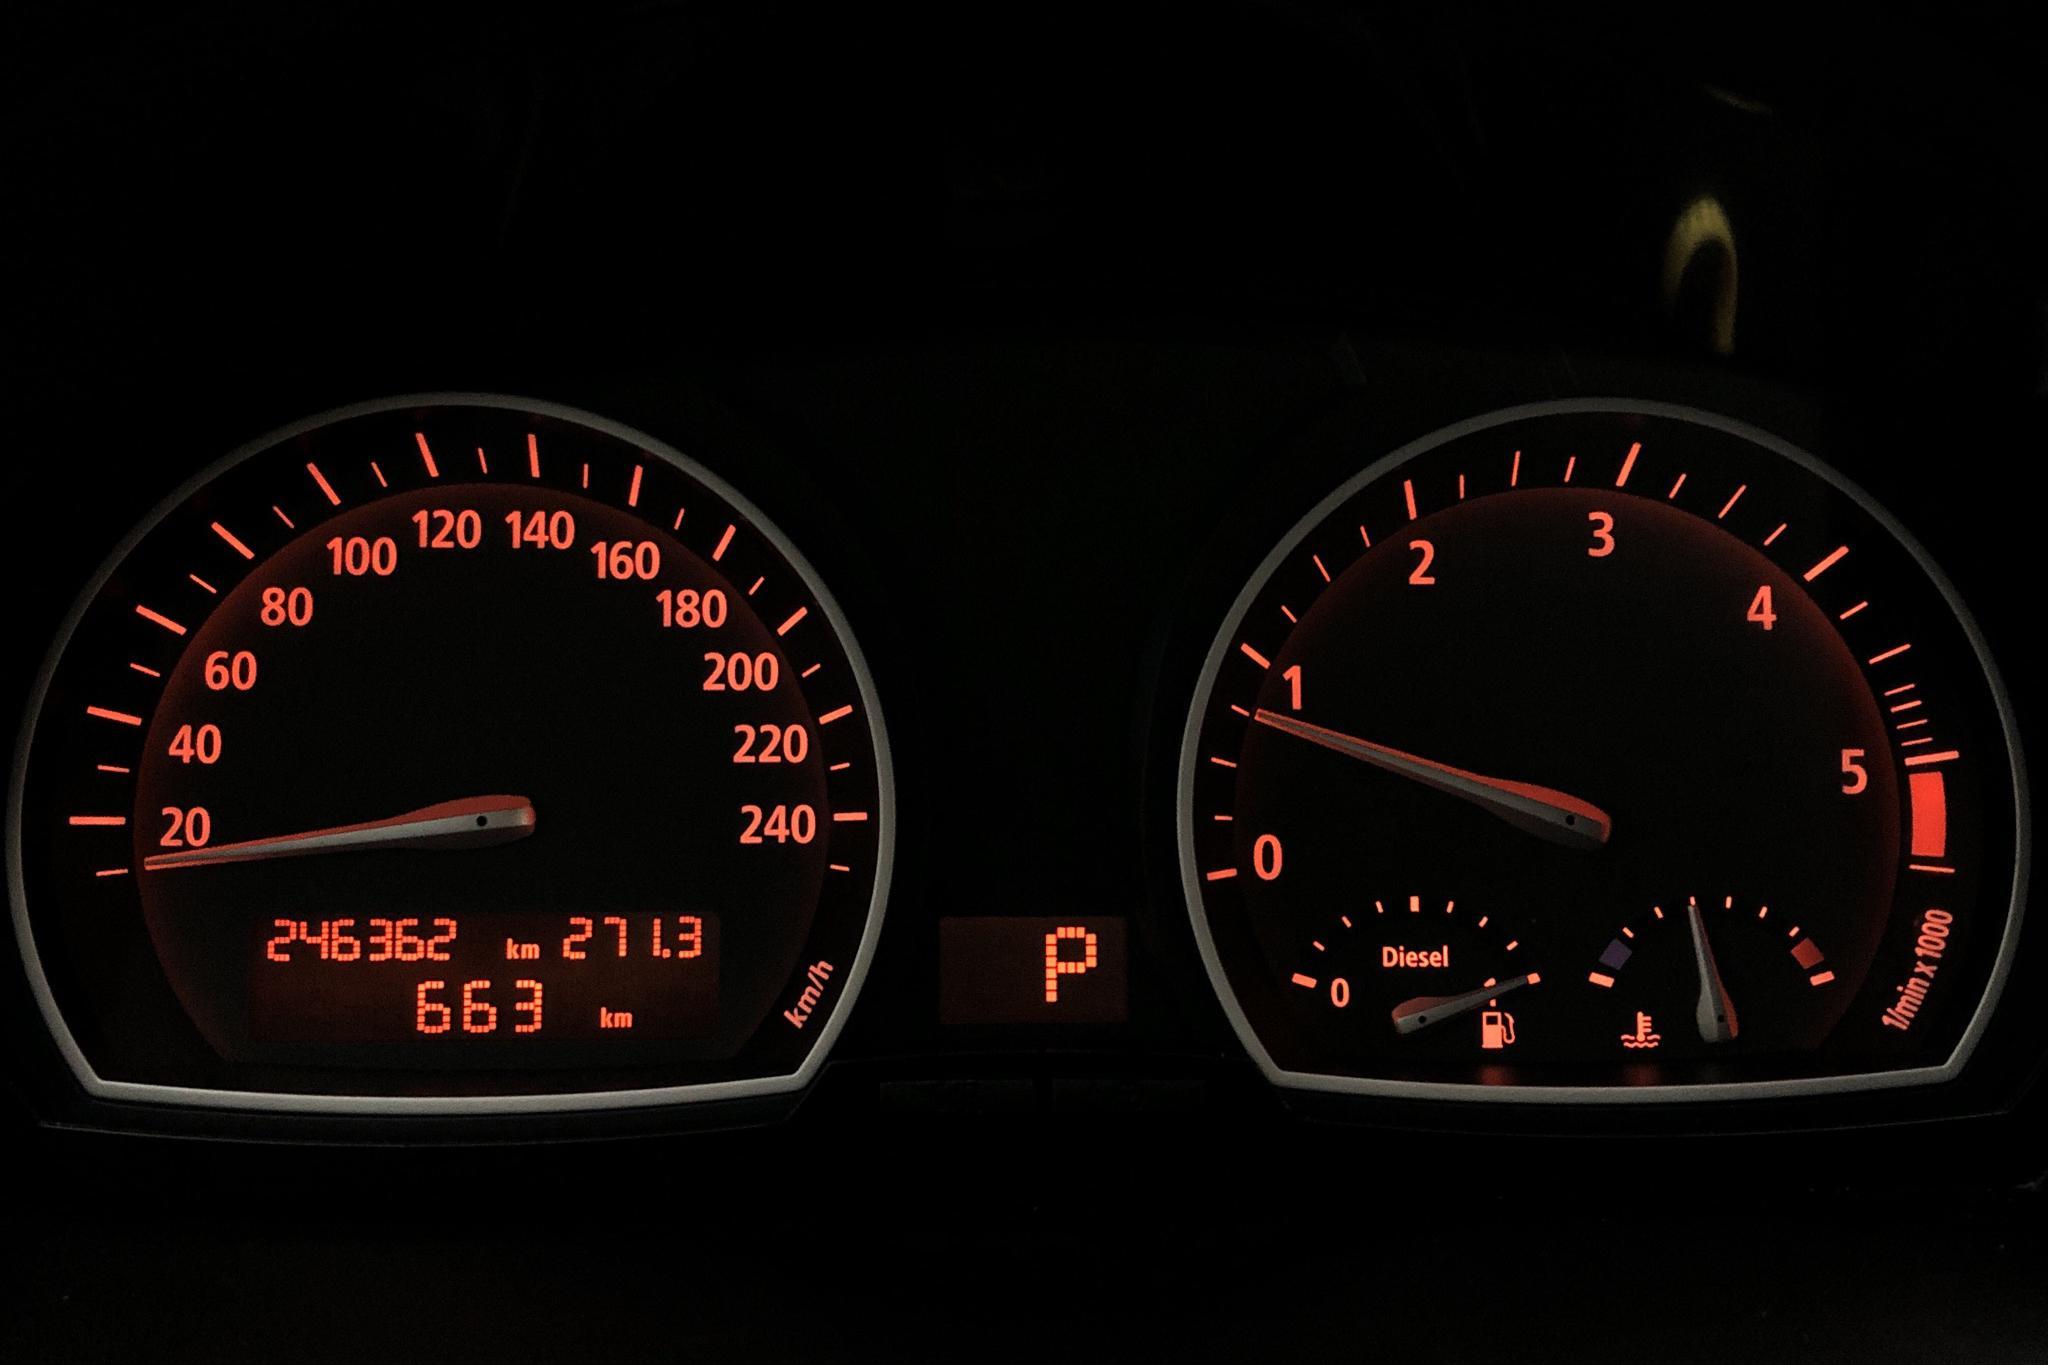 BMW X3 2.0d, E83 (177hk) - 246 360 km - Automatic - gray - 2009